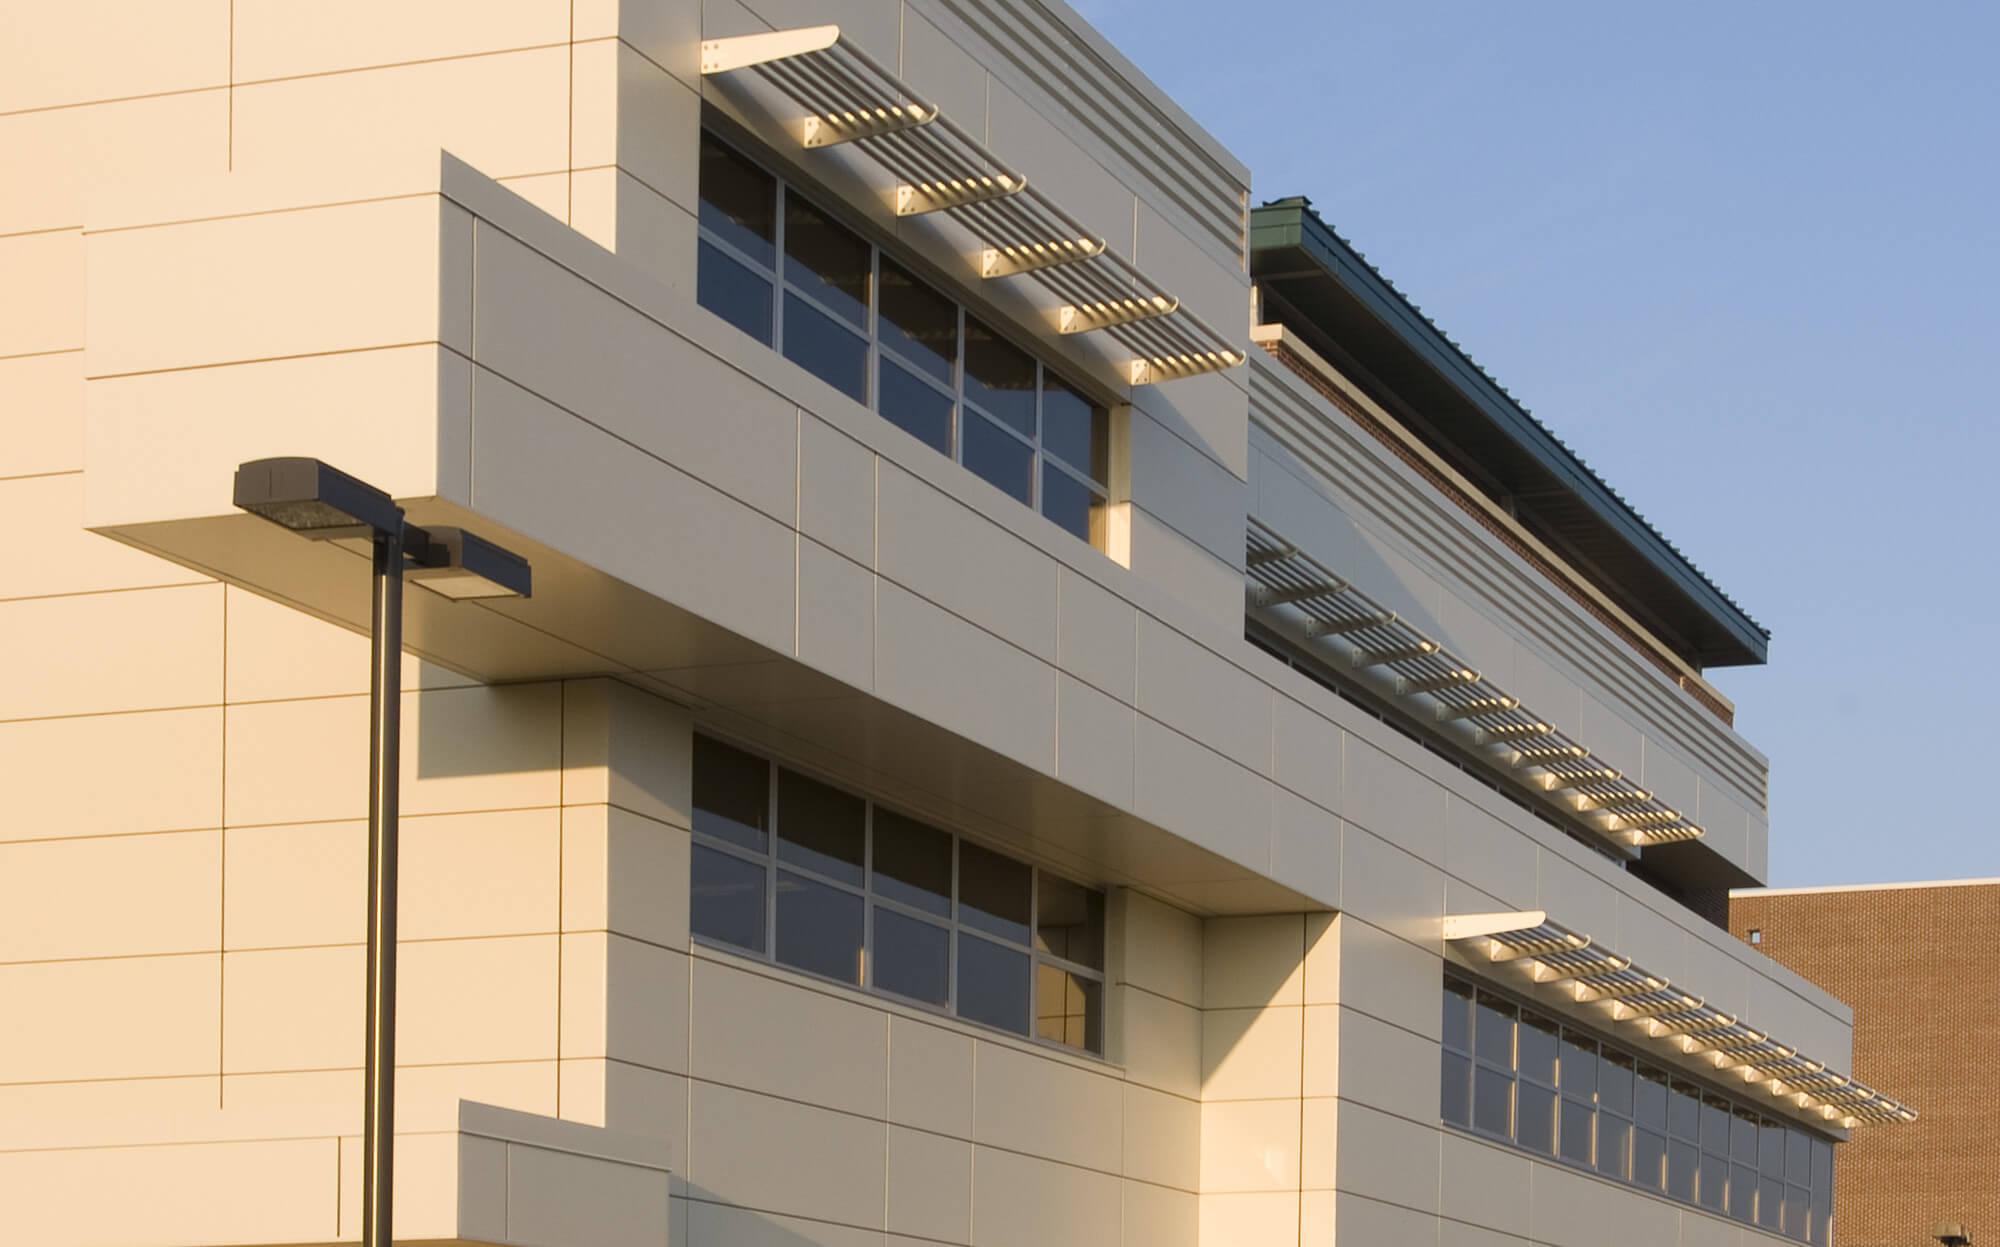 Community College Architecture 3